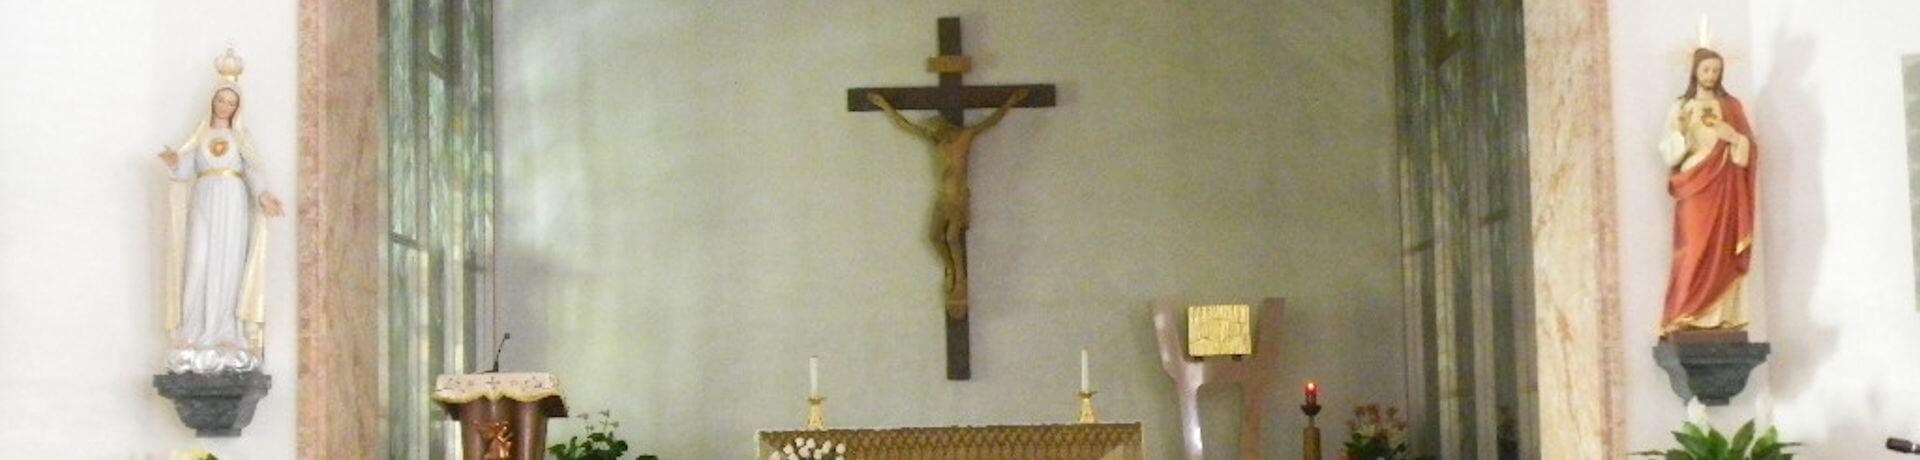 Istituto Sacro Cuore Roma Scuola Sacro Cuore - Crocifisso